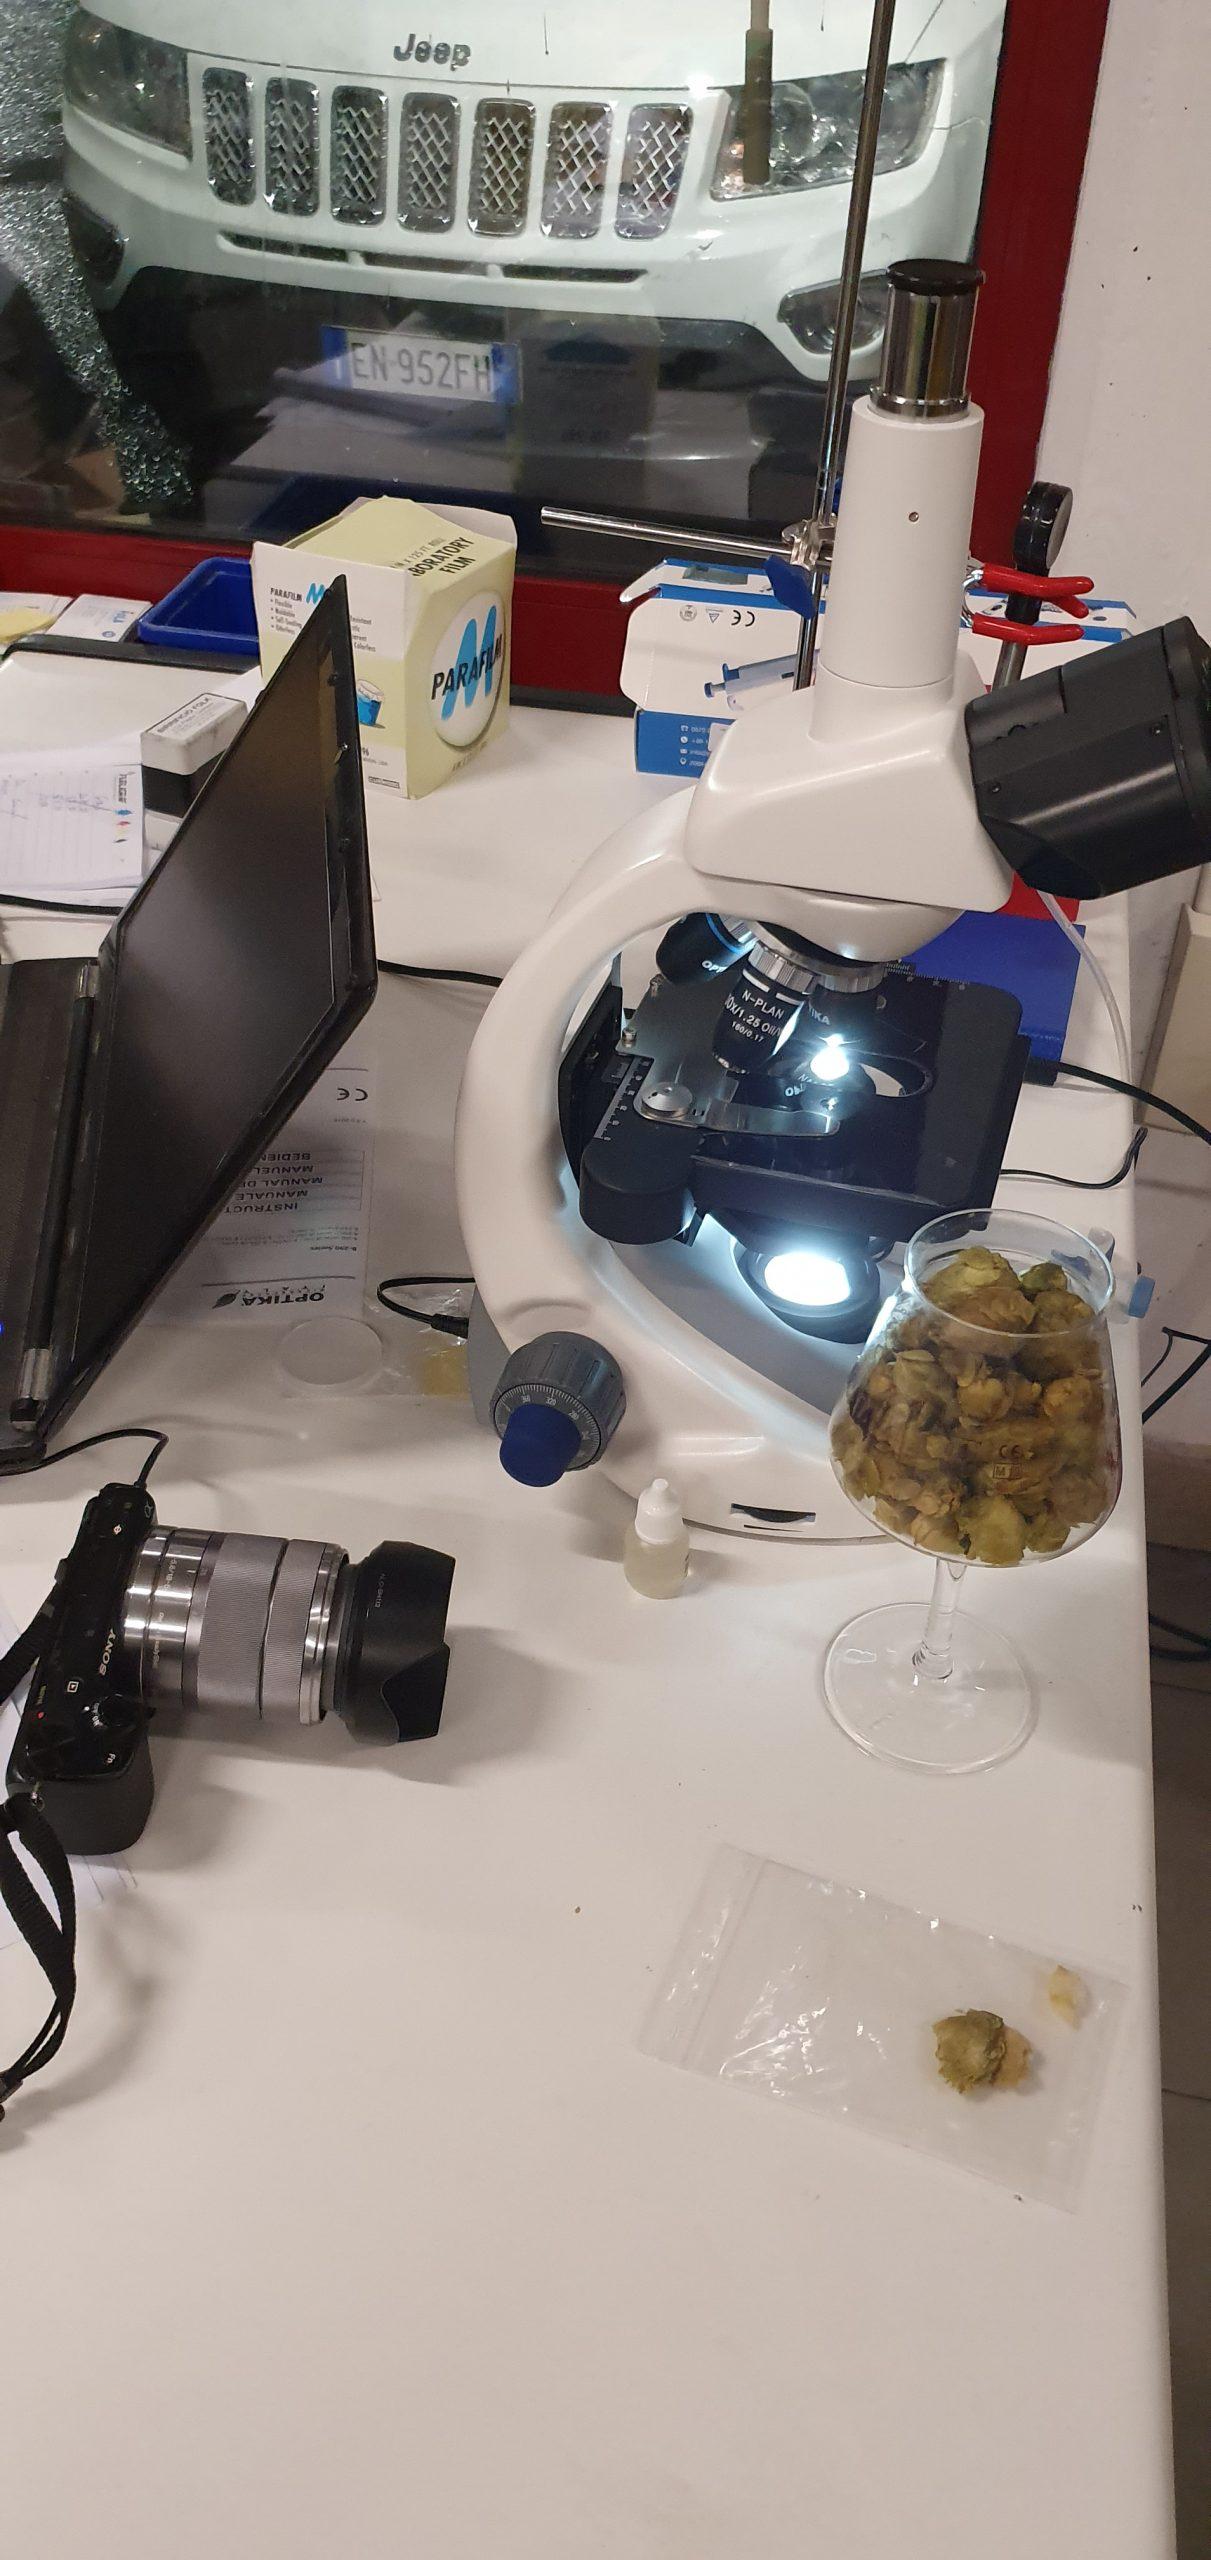 Analisi al microscopio